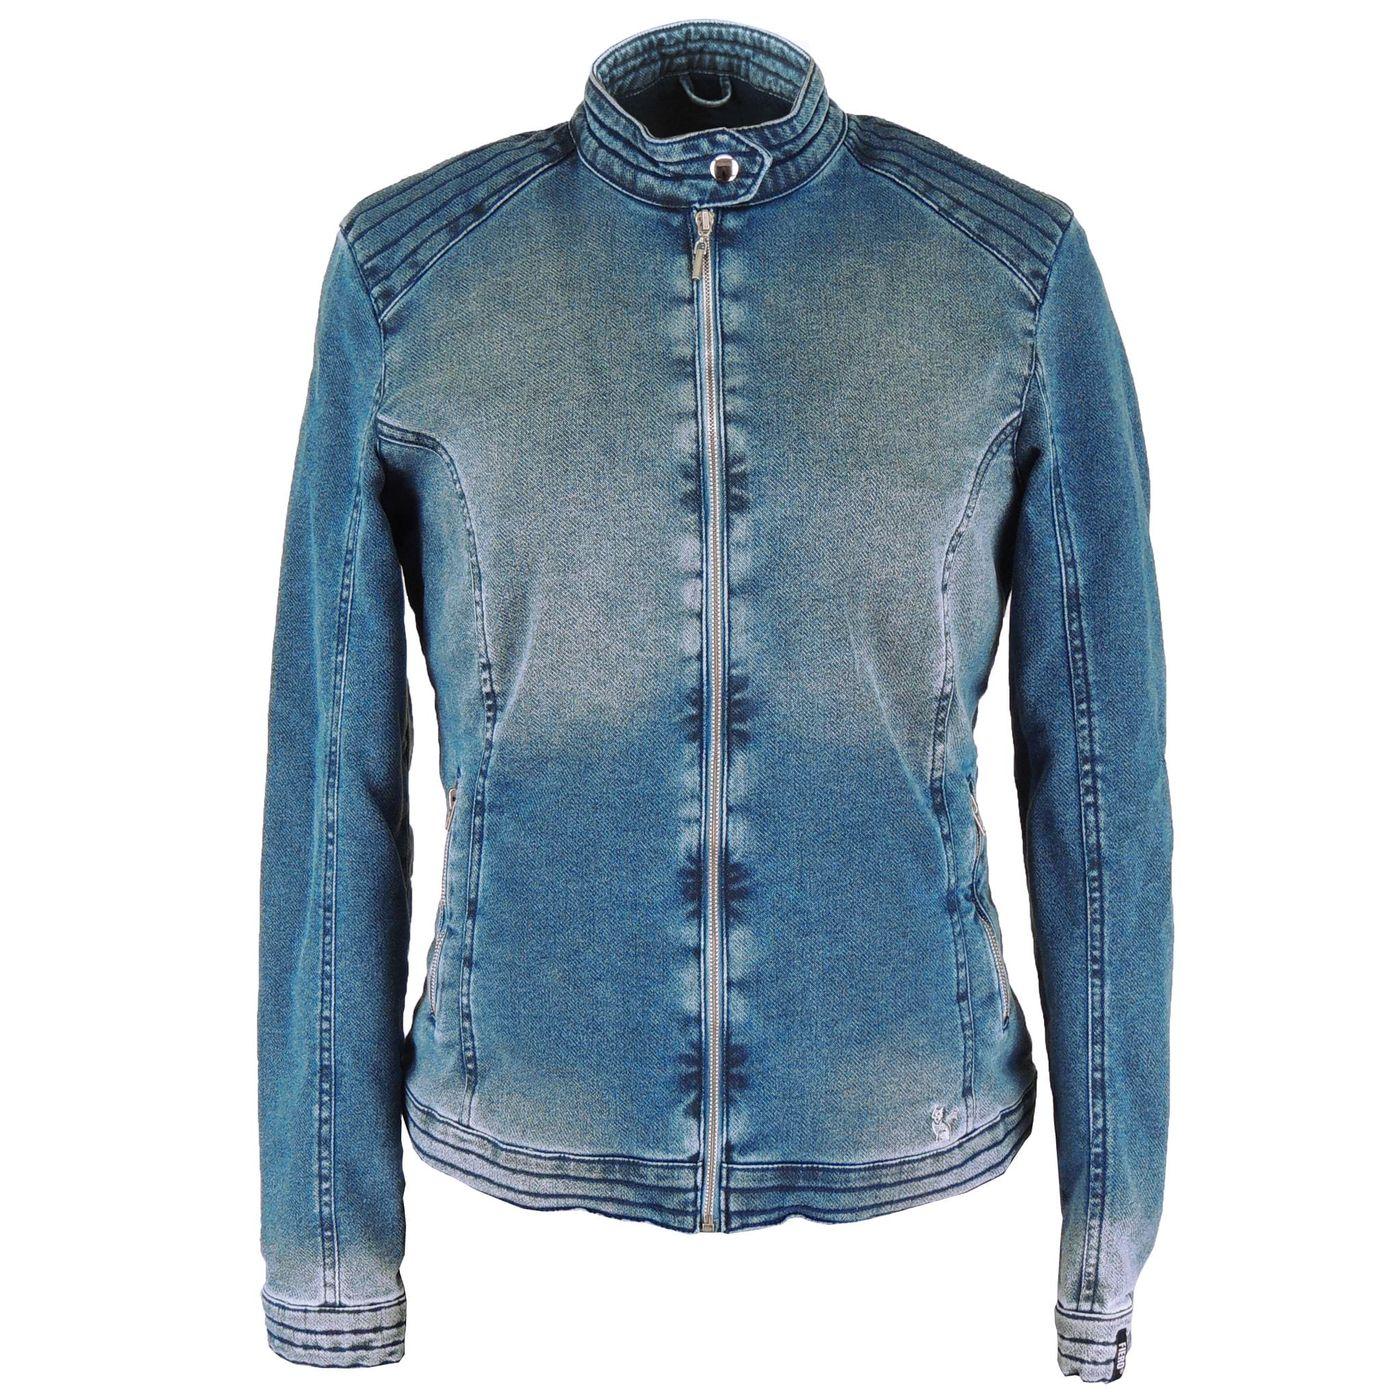 Jaqueta Térmica Feminina Jeans Queens para o frio e inverno - fieroshop bcf13706fafb5